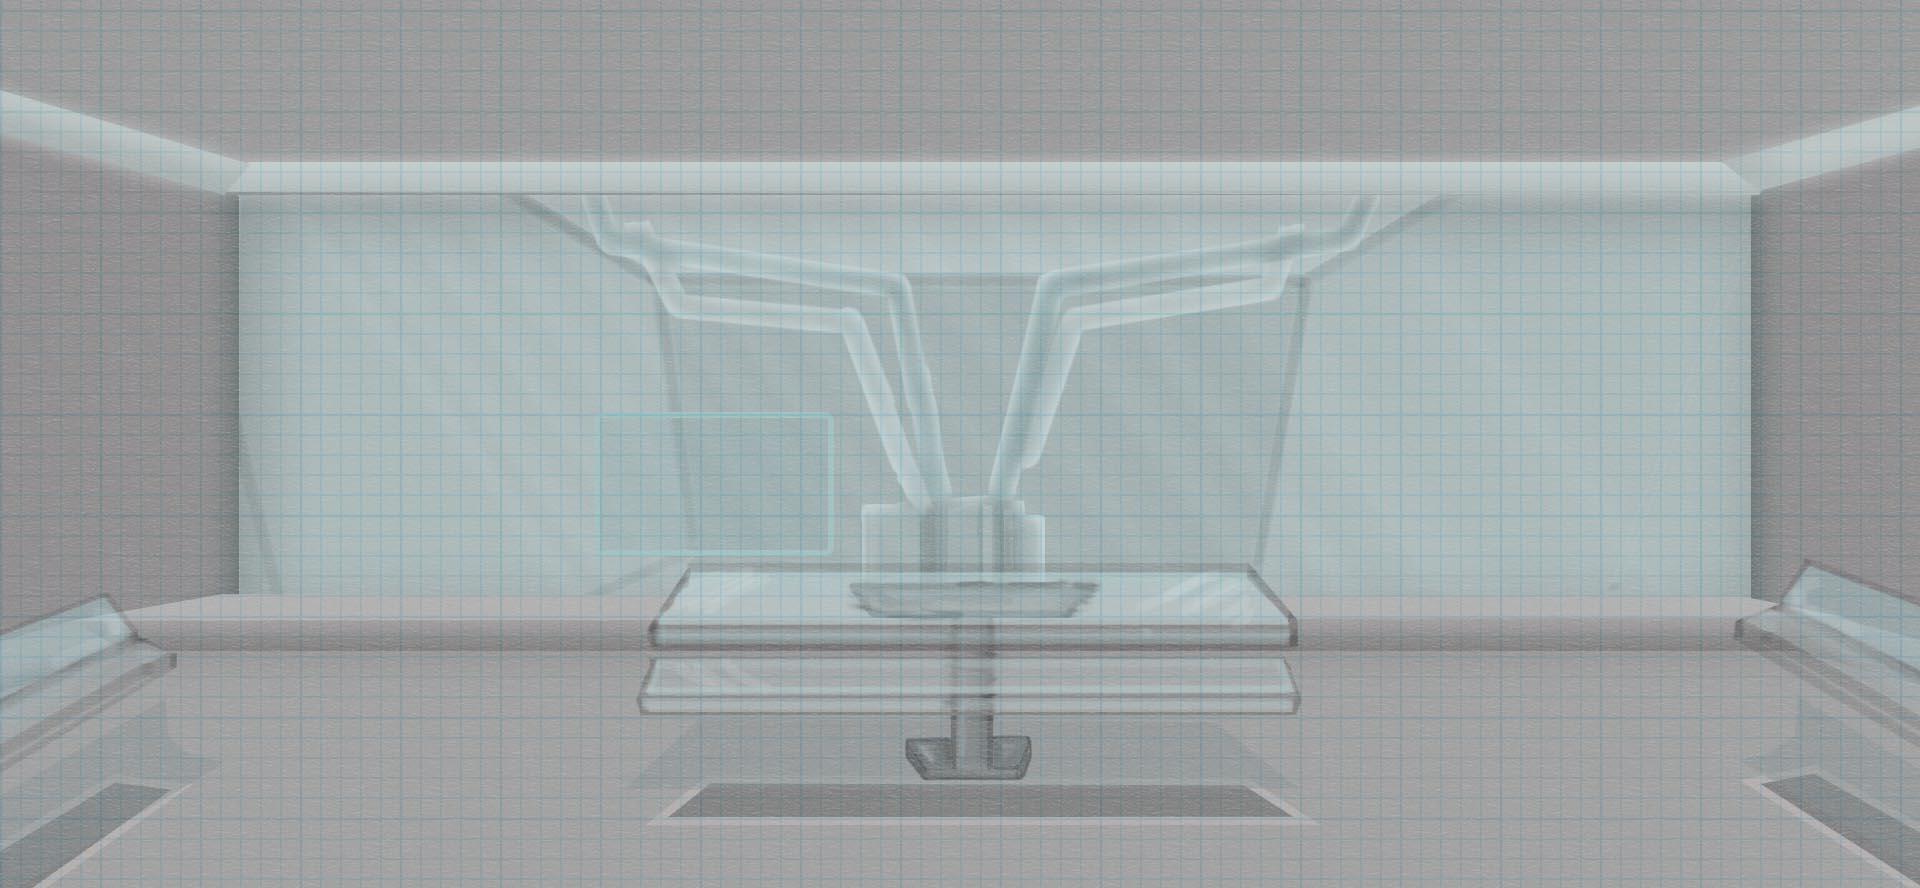 Cryo Control Room Concept